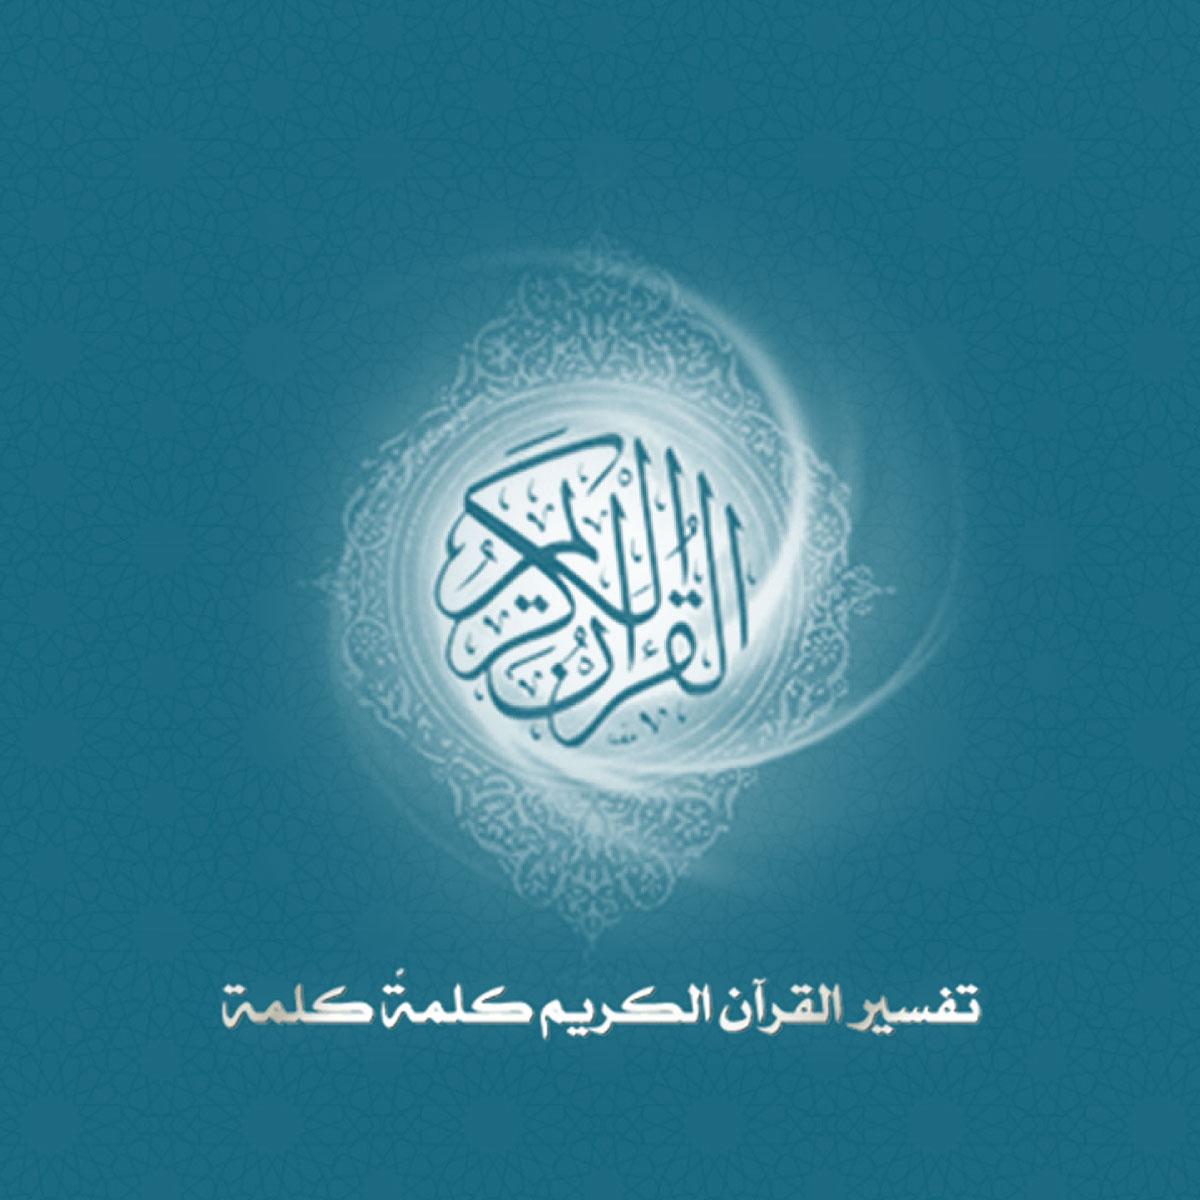 تفسير و معنى كلمة وأبا و أ ب ا من سورة عبس آية رقم 31 تفسير كلمات القرآن الكريم